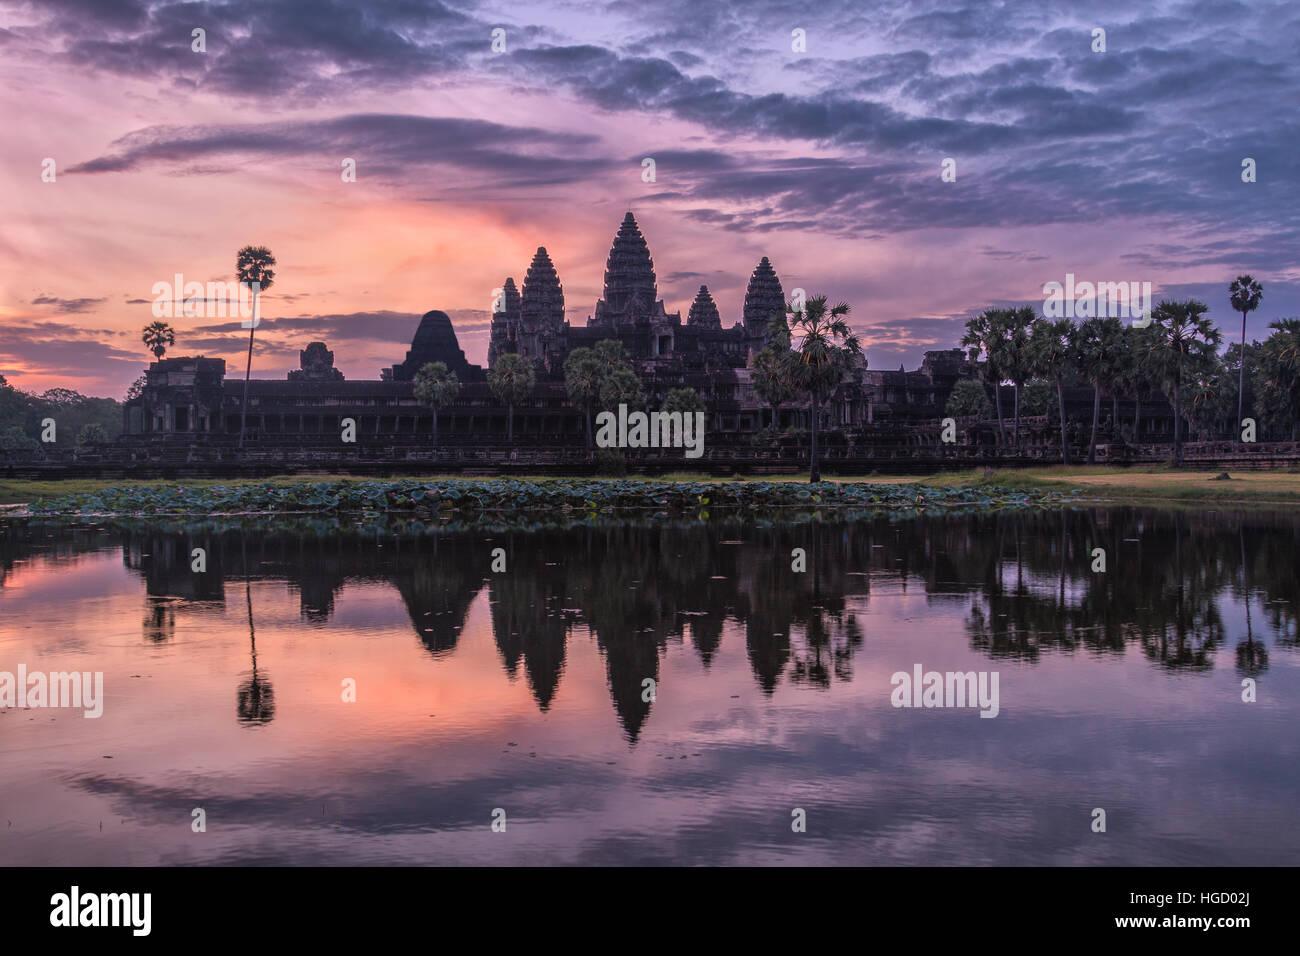 Angkor Wat at Sunrise, Cambodia - Stock Image